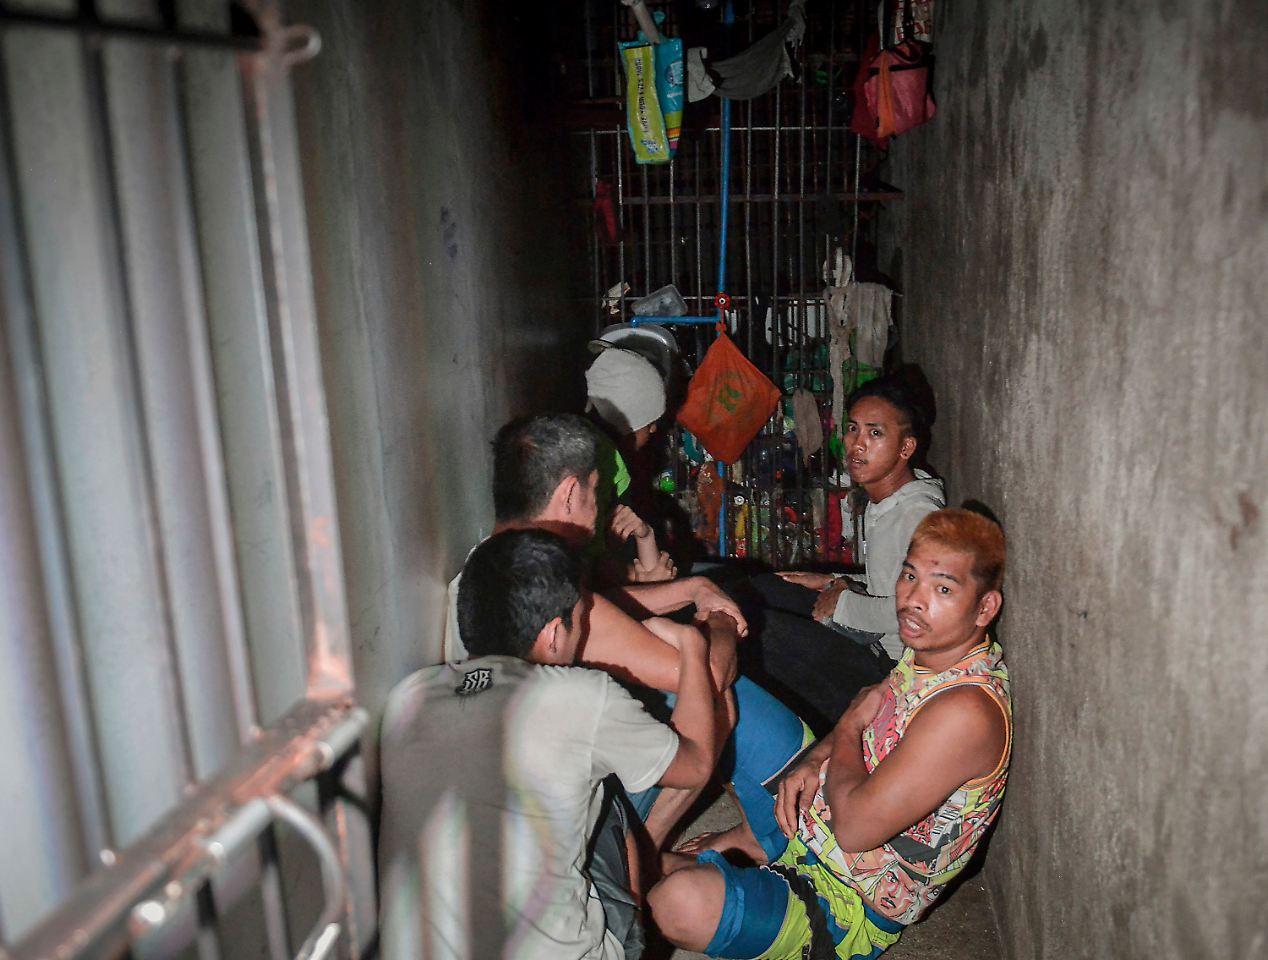 Frauen suchen männer craigslist philippines